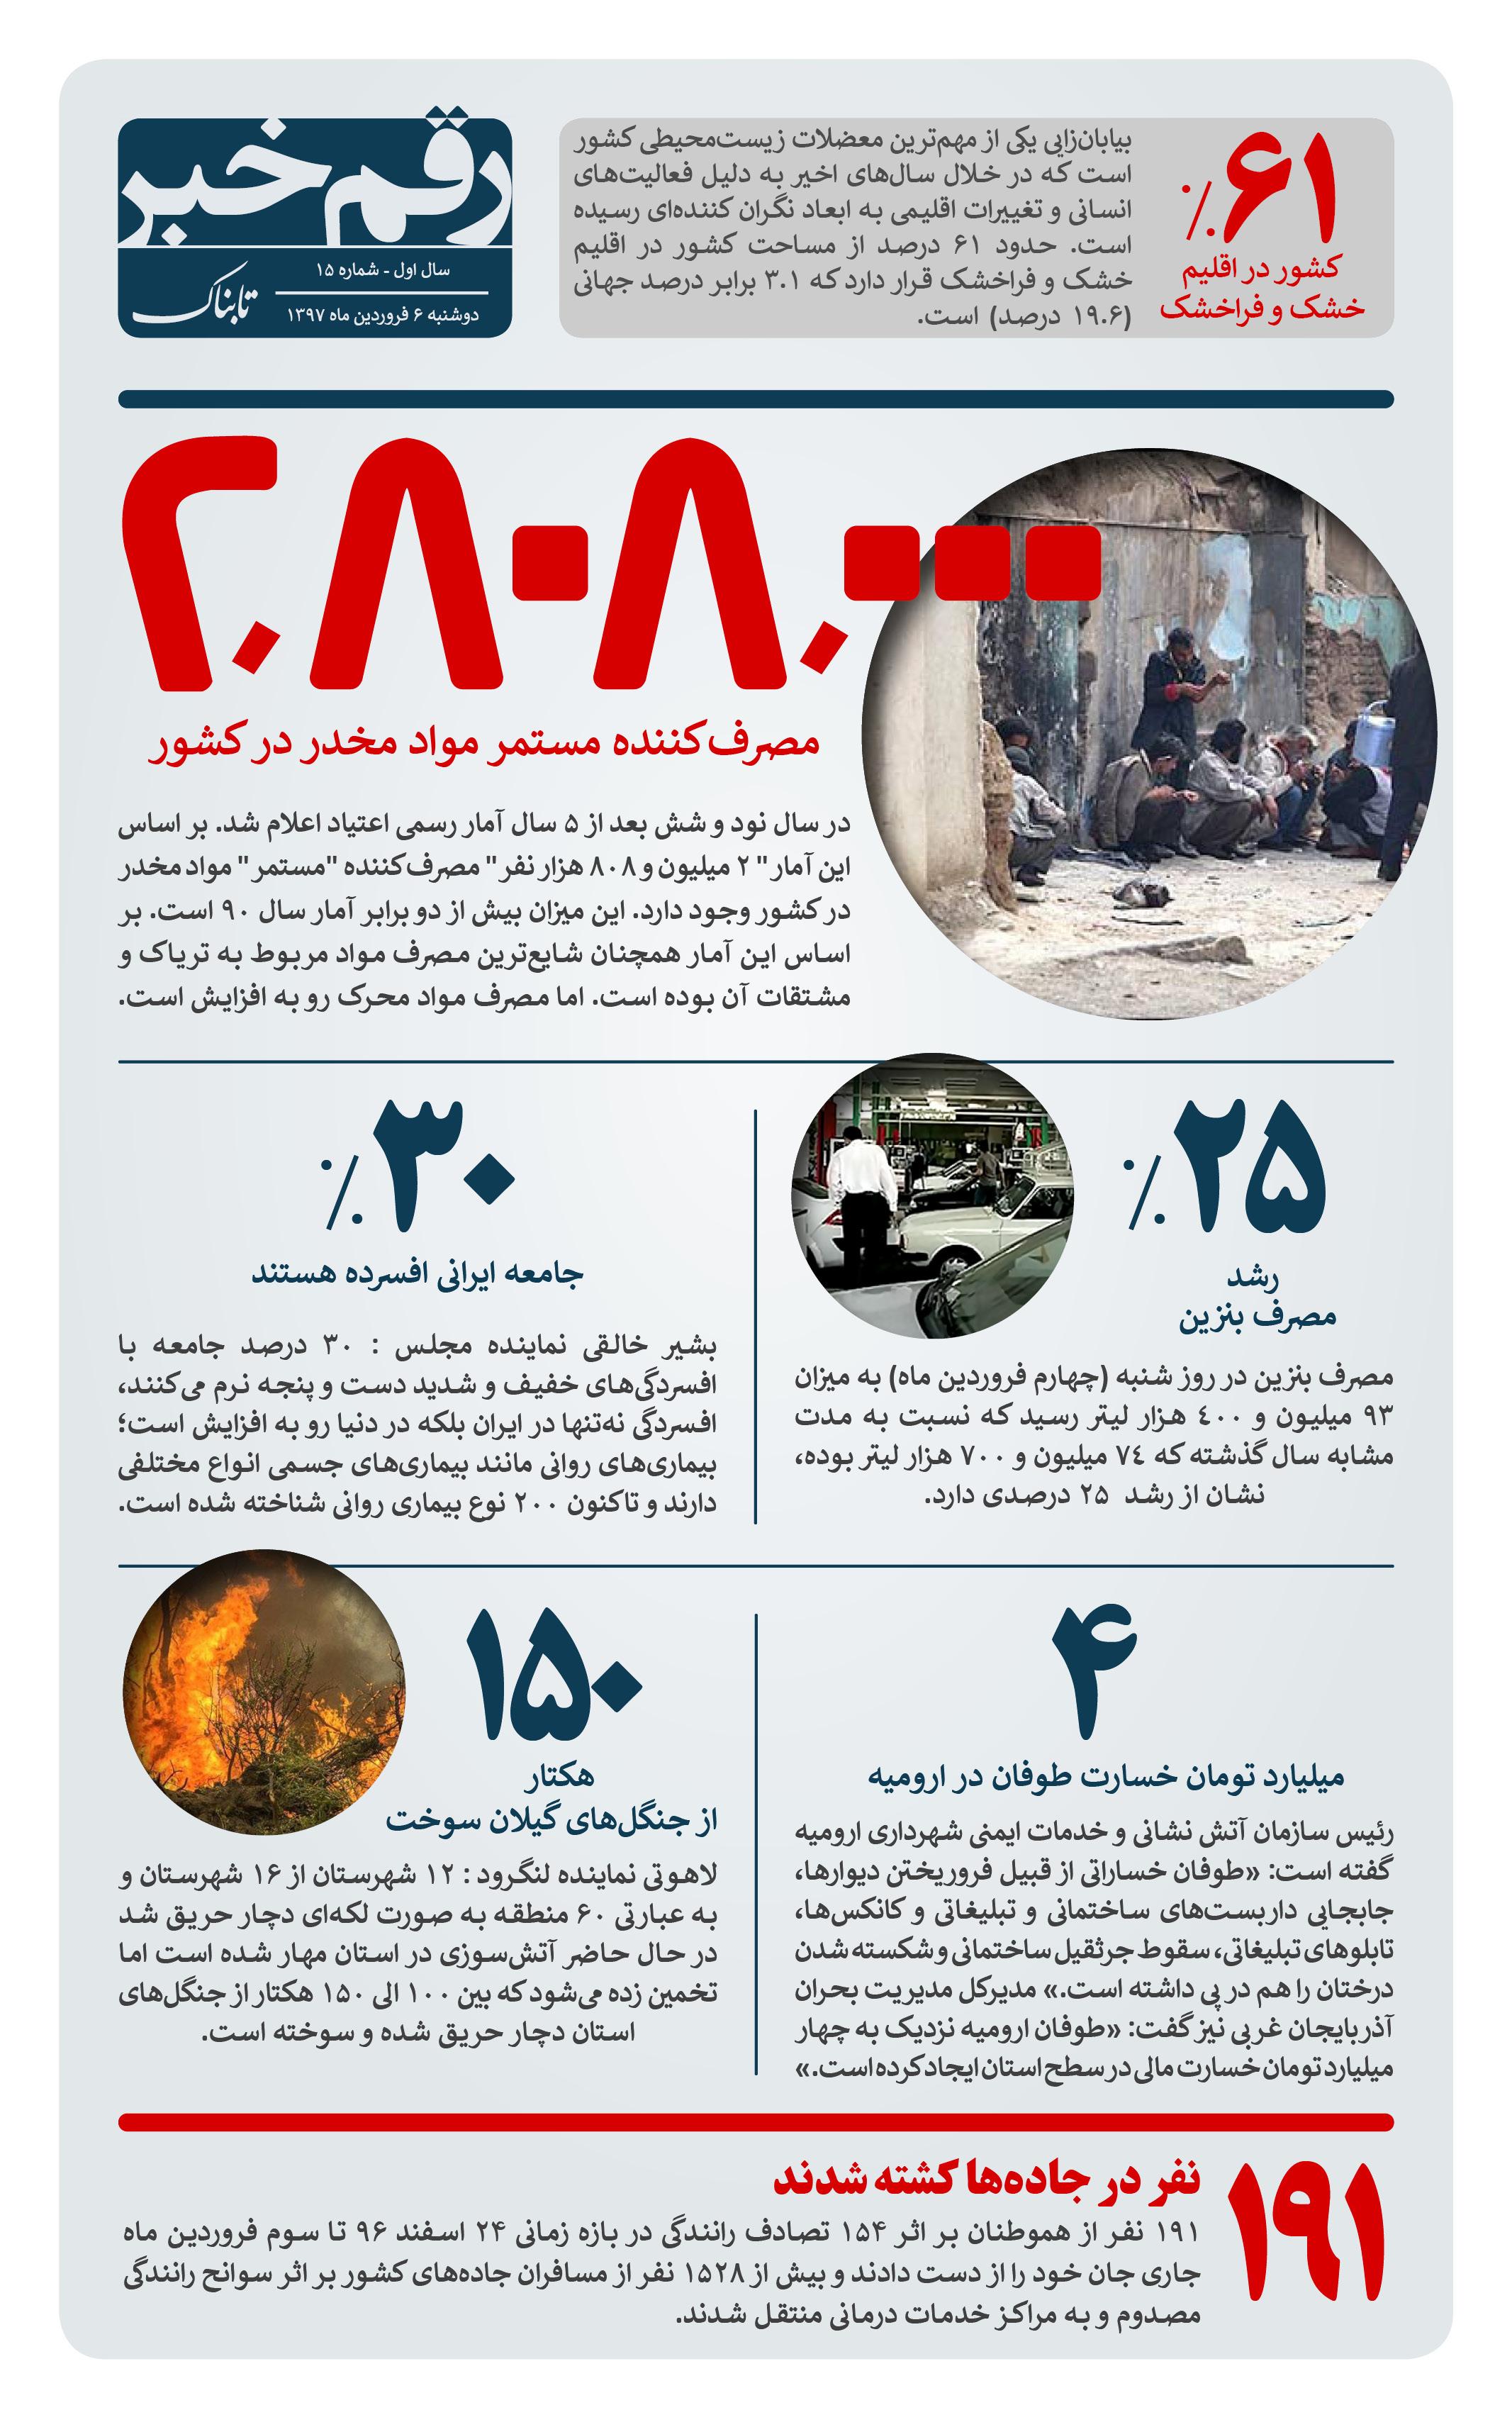 مناطقِ دارای مدارس پرخطر و فرسوده در تهران اعلام شد